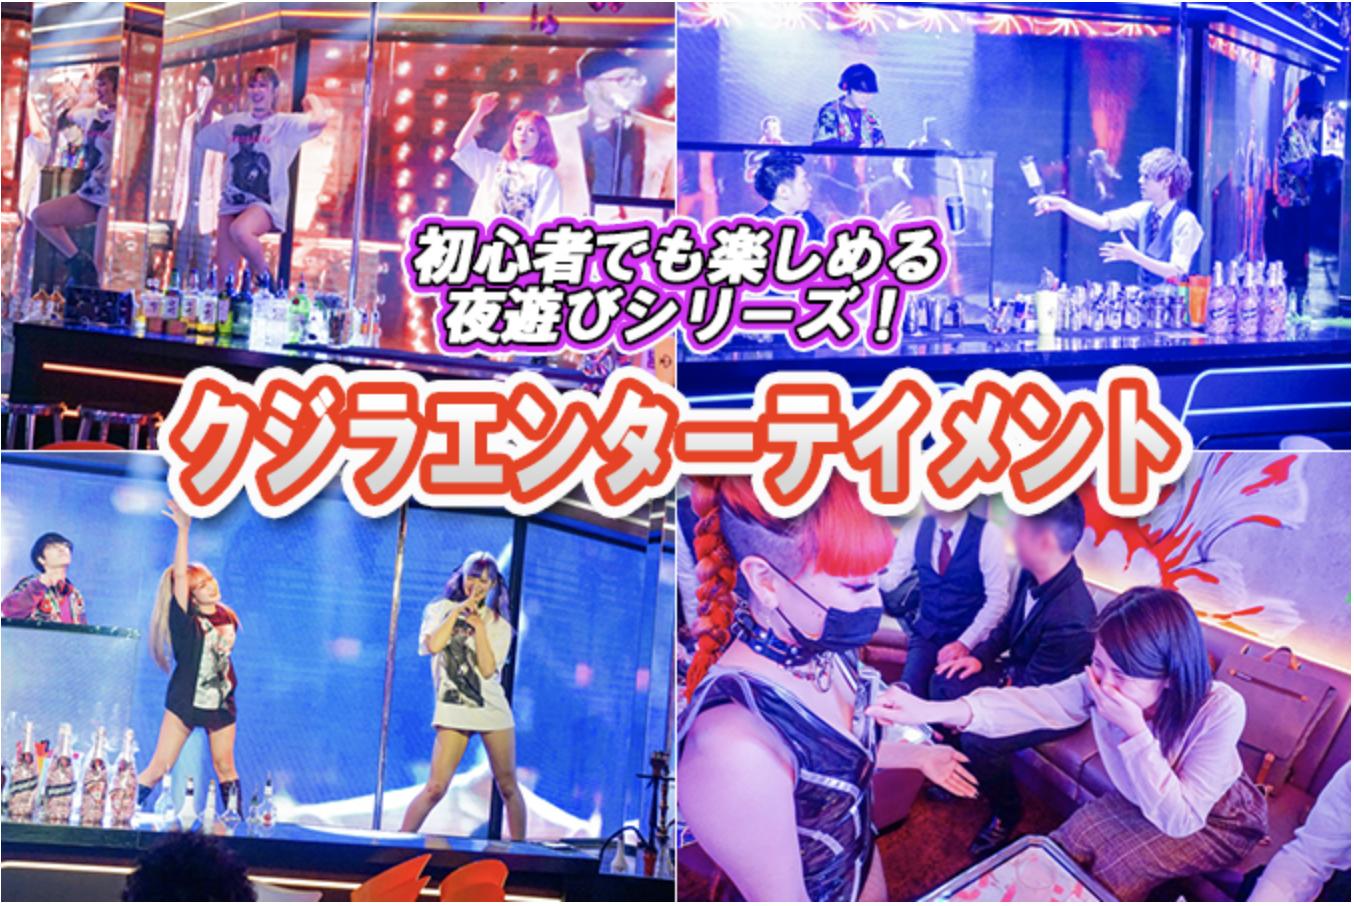 2020.12.17 【東京ルッチ】KUJIRA掲載情報